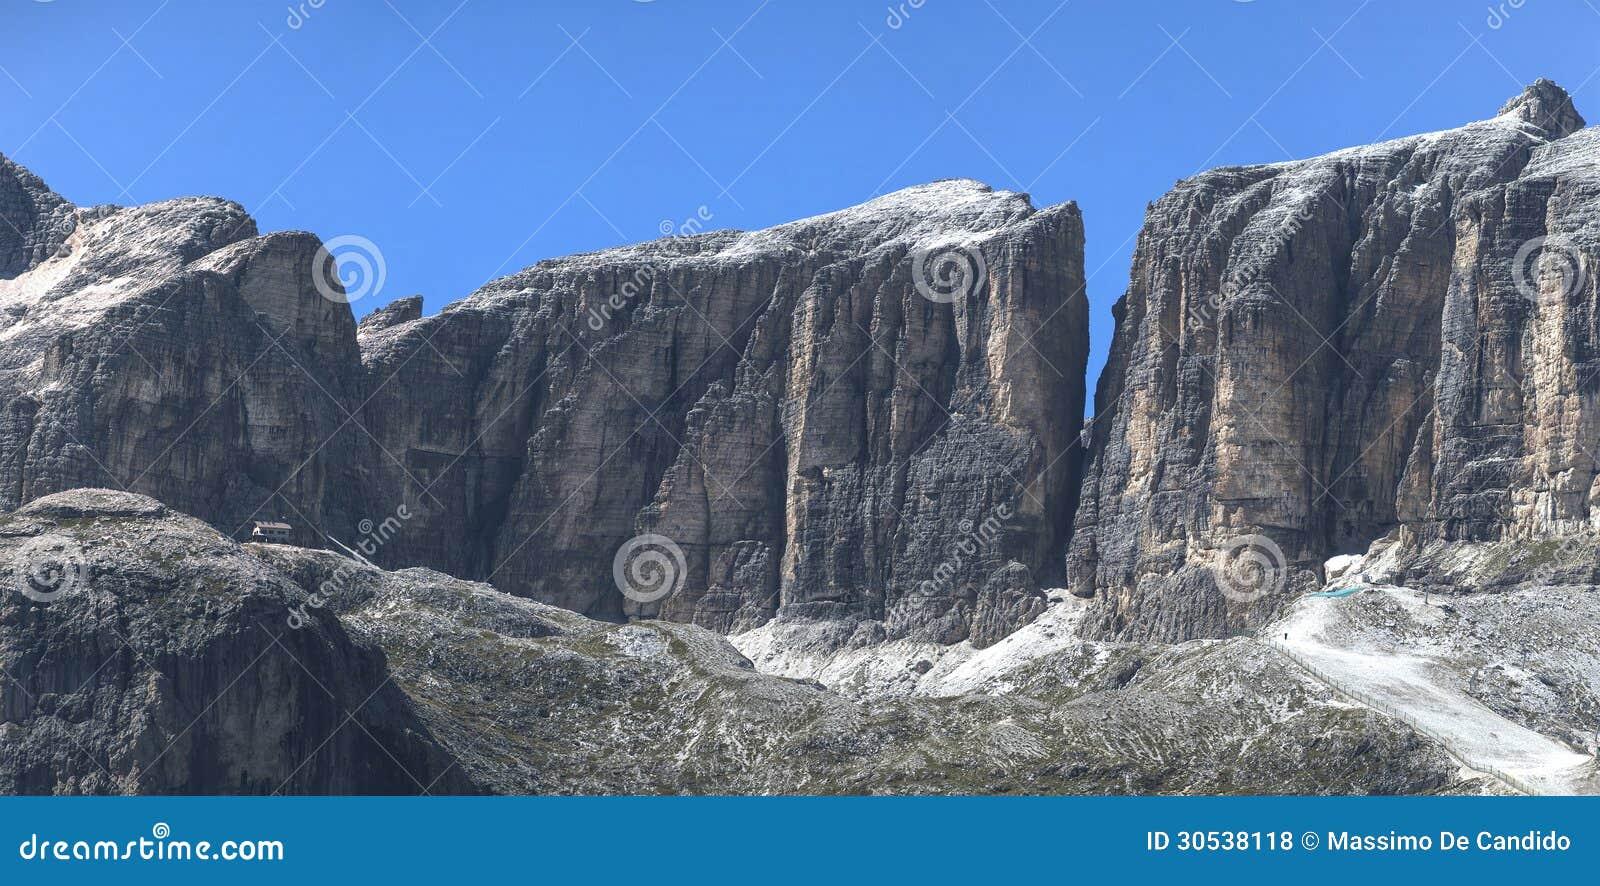 Sella Group, Vallon - Dolomites Mountain Royalty Free Stock Photos ...